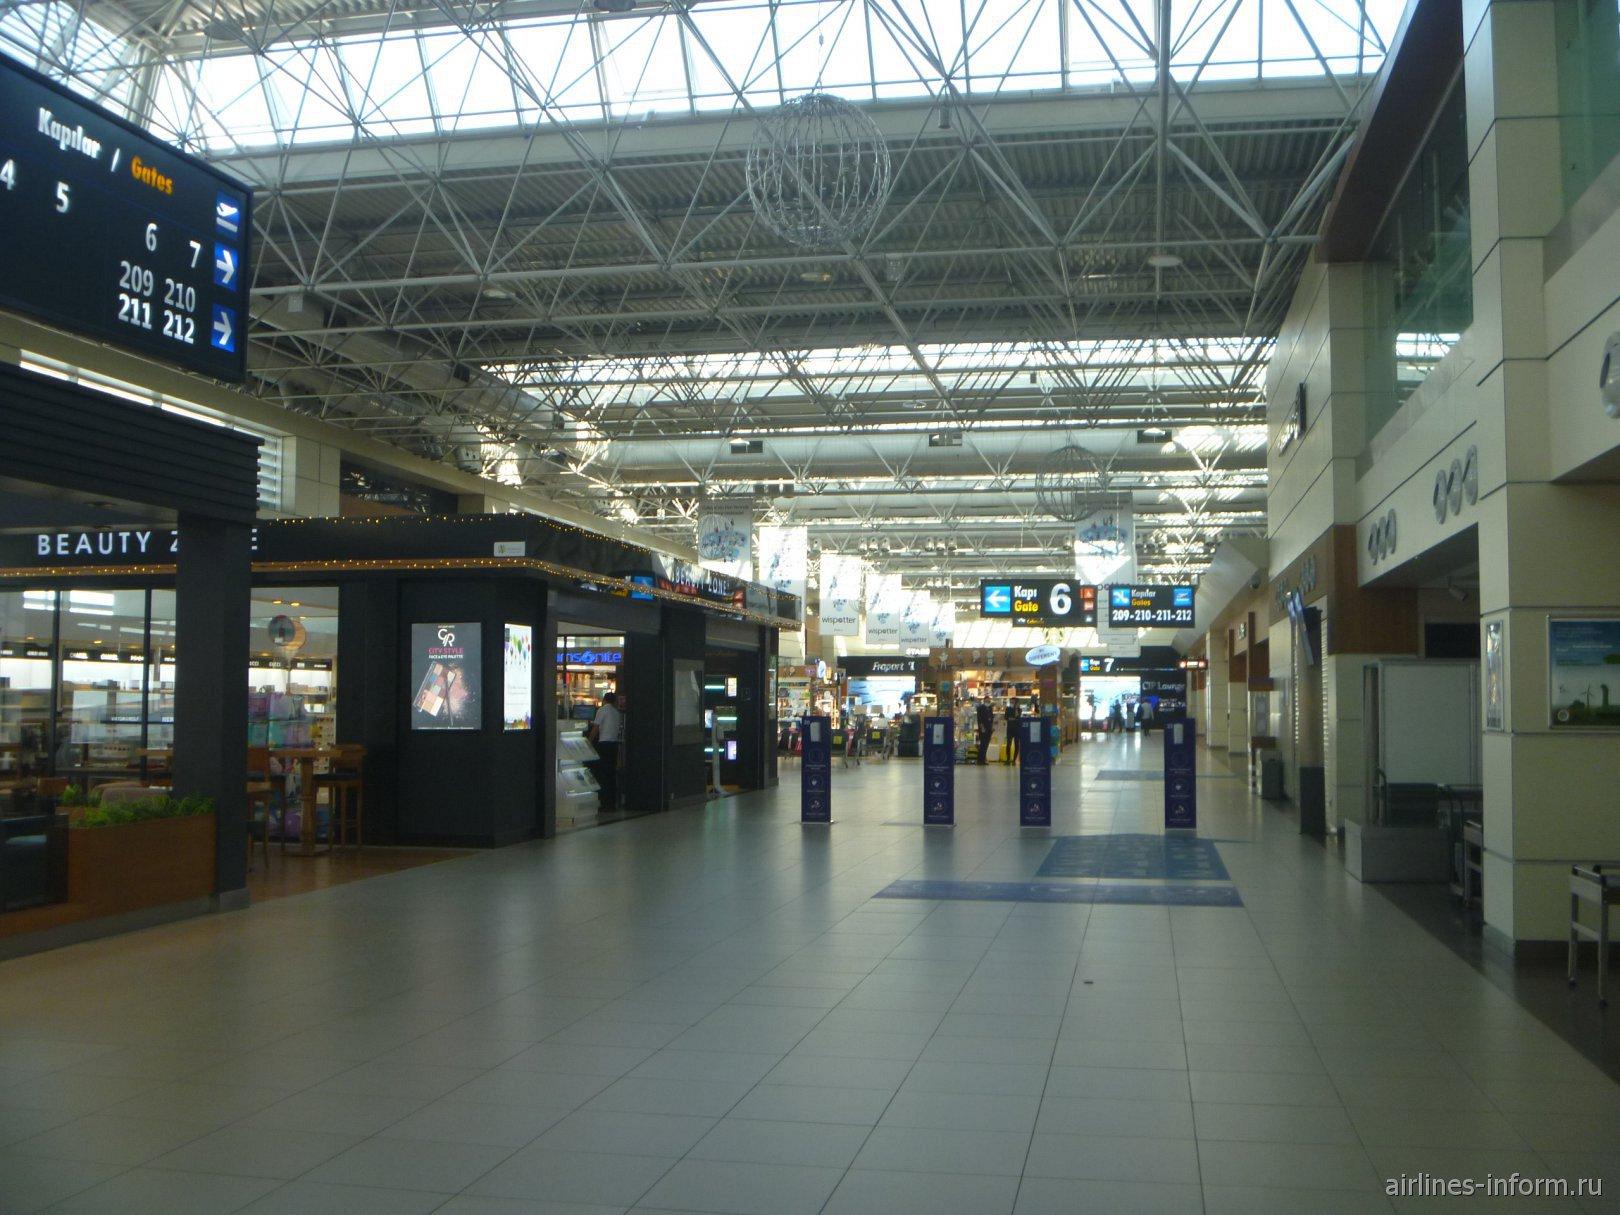 Чистая зона внутренних вылетов терминала 1 аэропорта Анталья